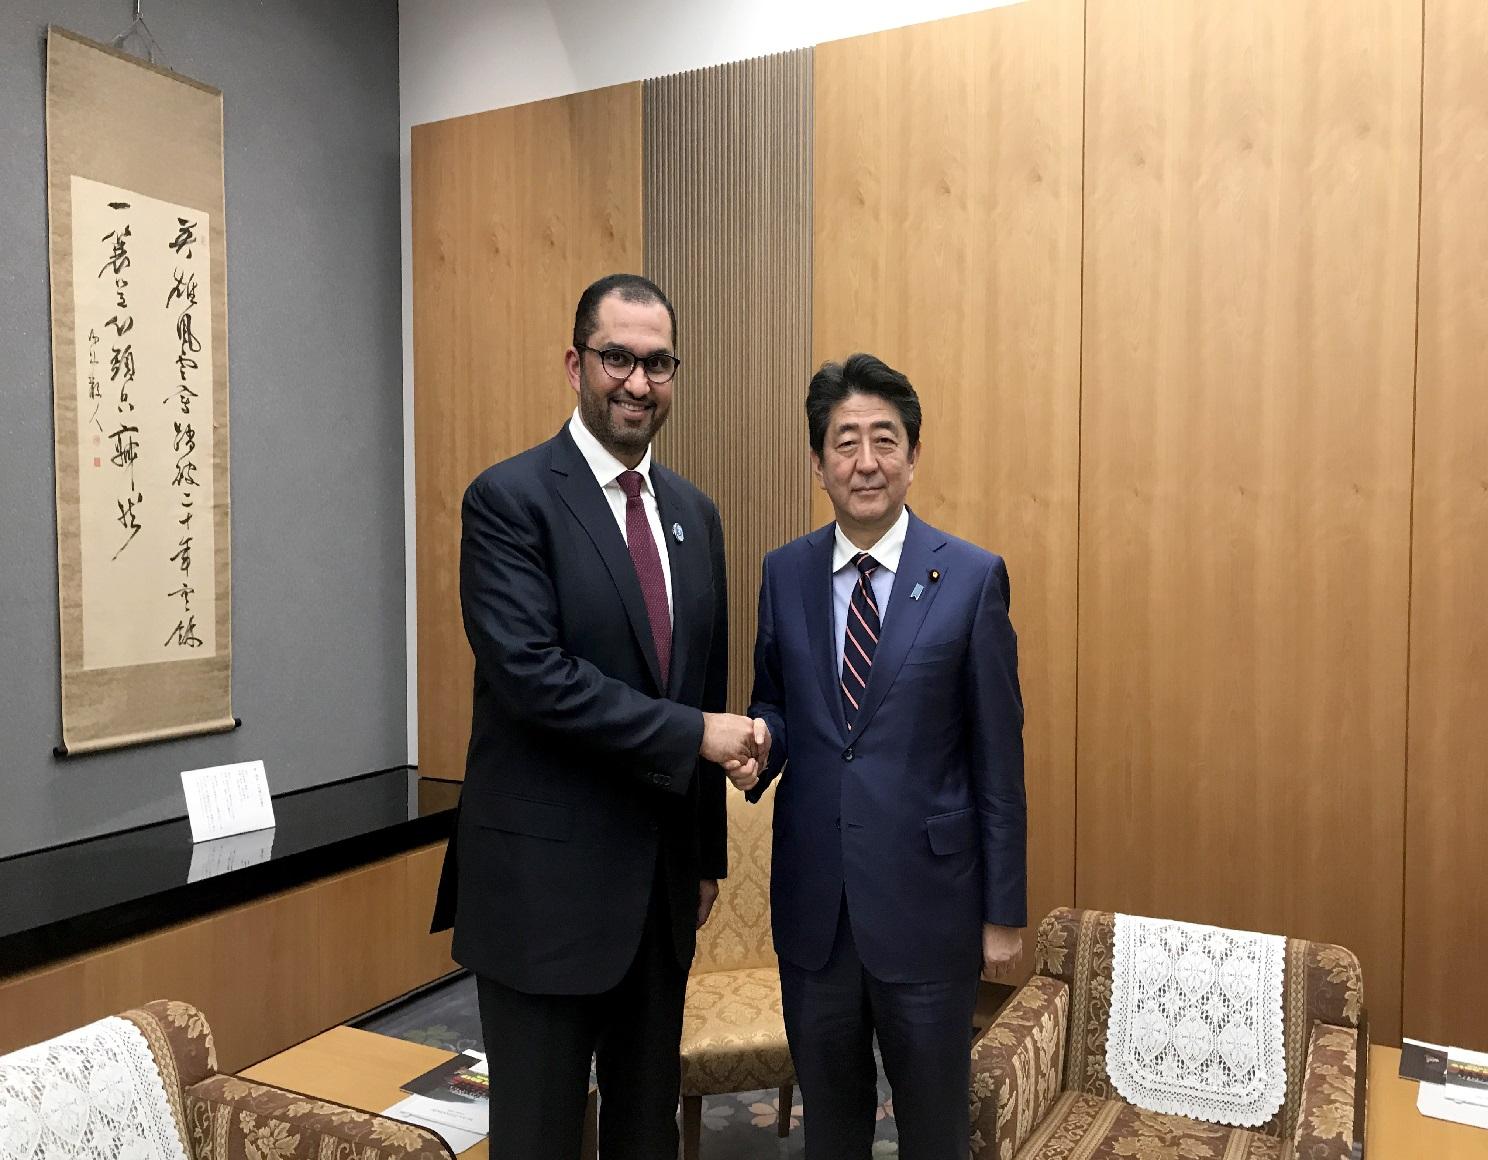 الرئيسالتنفيذيلأدنوكو رئيسالوزراءالياباني